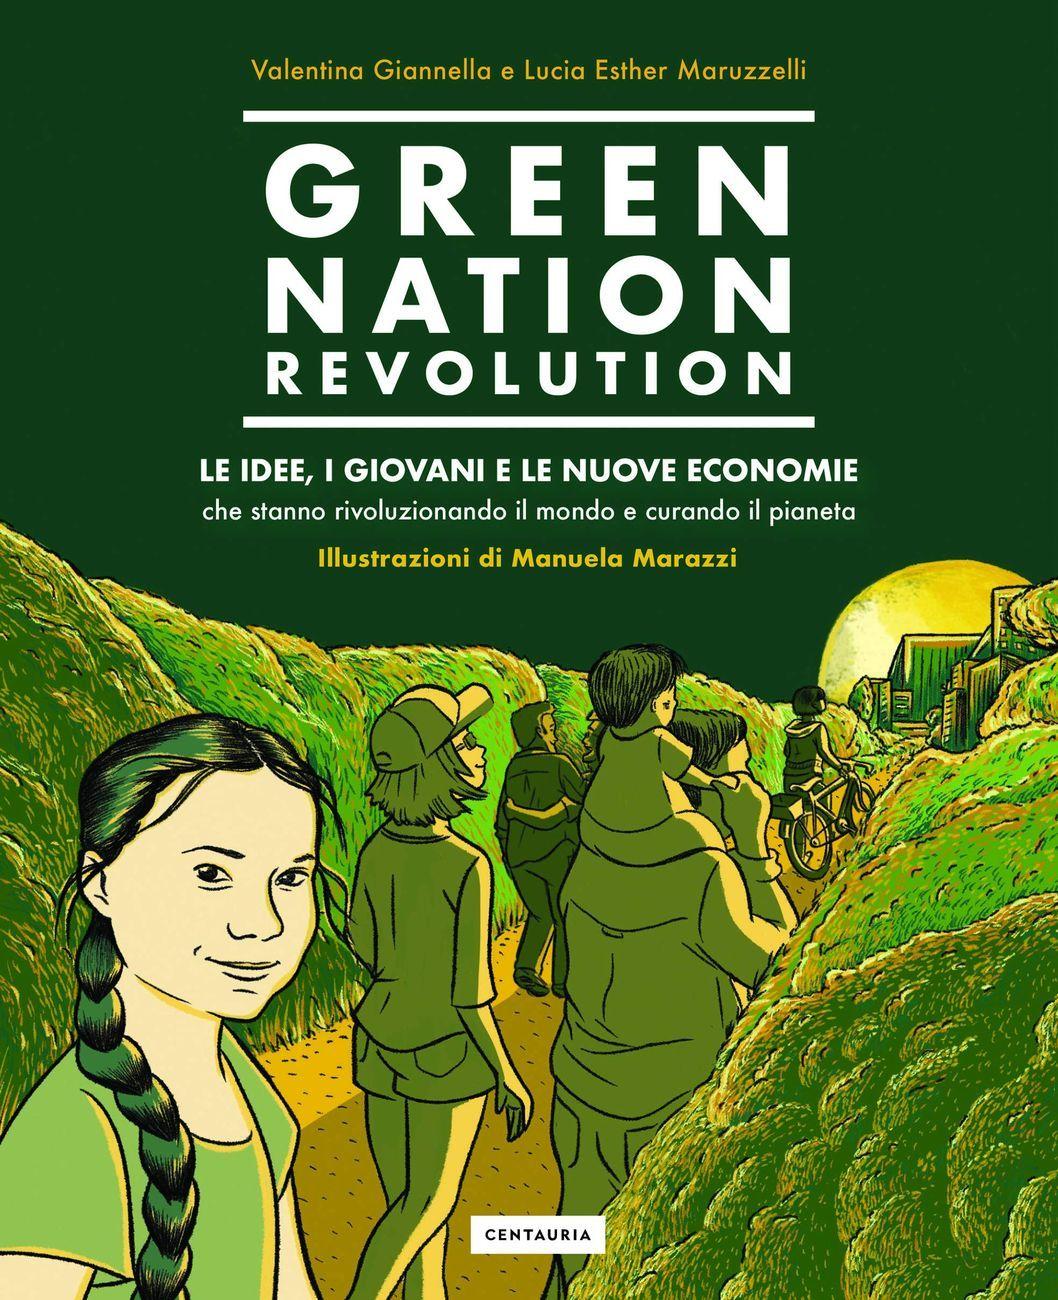 Valentina Giannella & Esther Maruzzelli Green Nation Revolution (Centauria Editore, 2020) _cover